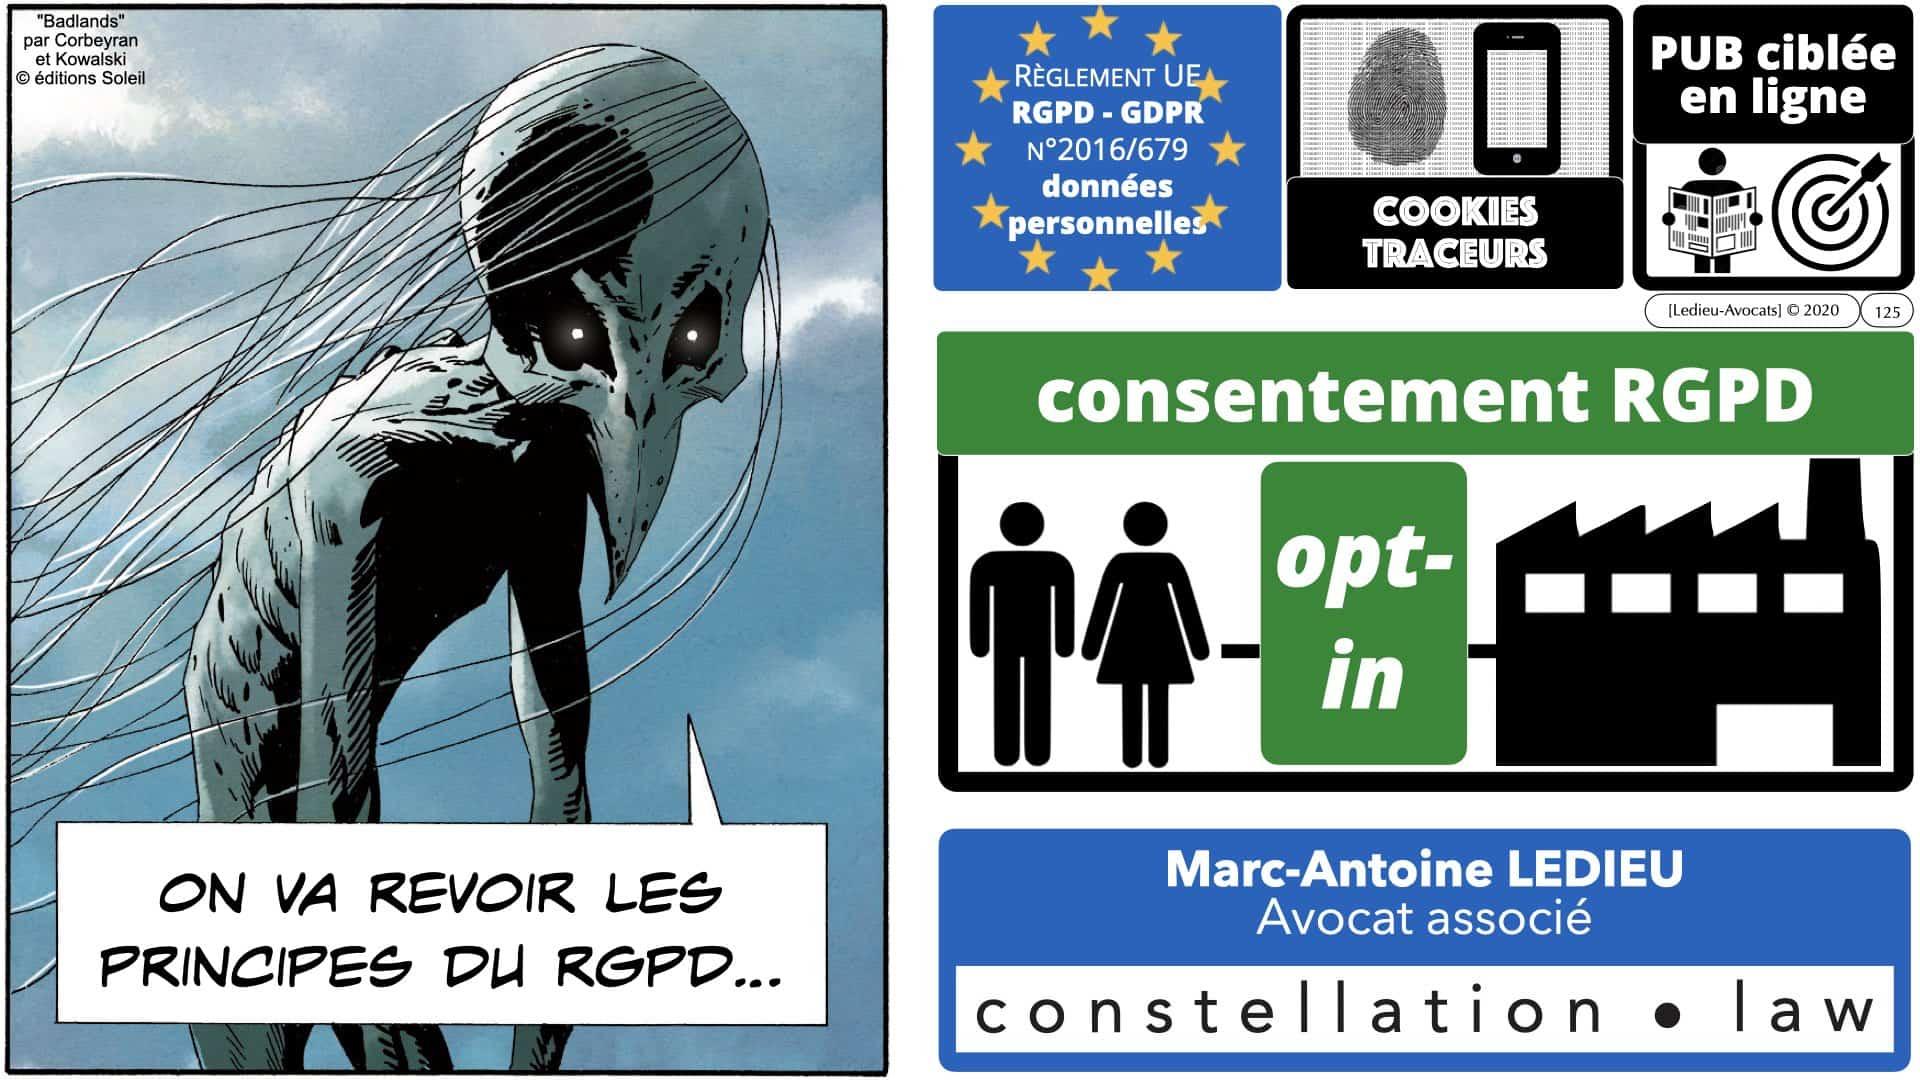 RGPD e-Privacy données personnelles jurisprudence formation Lamy Les Echos 10-02-2021 ©Ledieu-Avocats.125